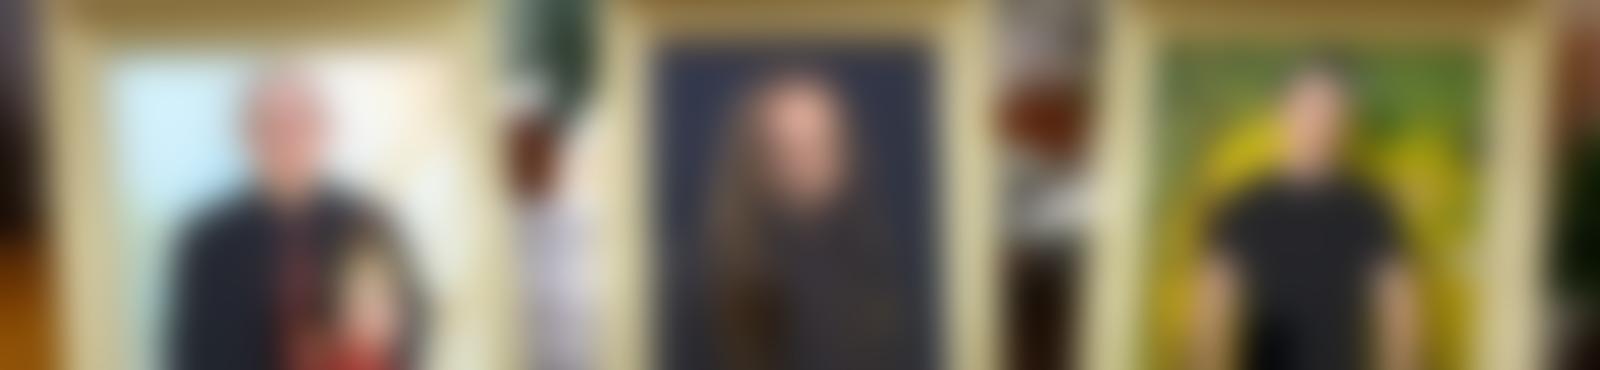 Blurred a7795cbe e72d 4040 8424 edc1b2d8b0d1